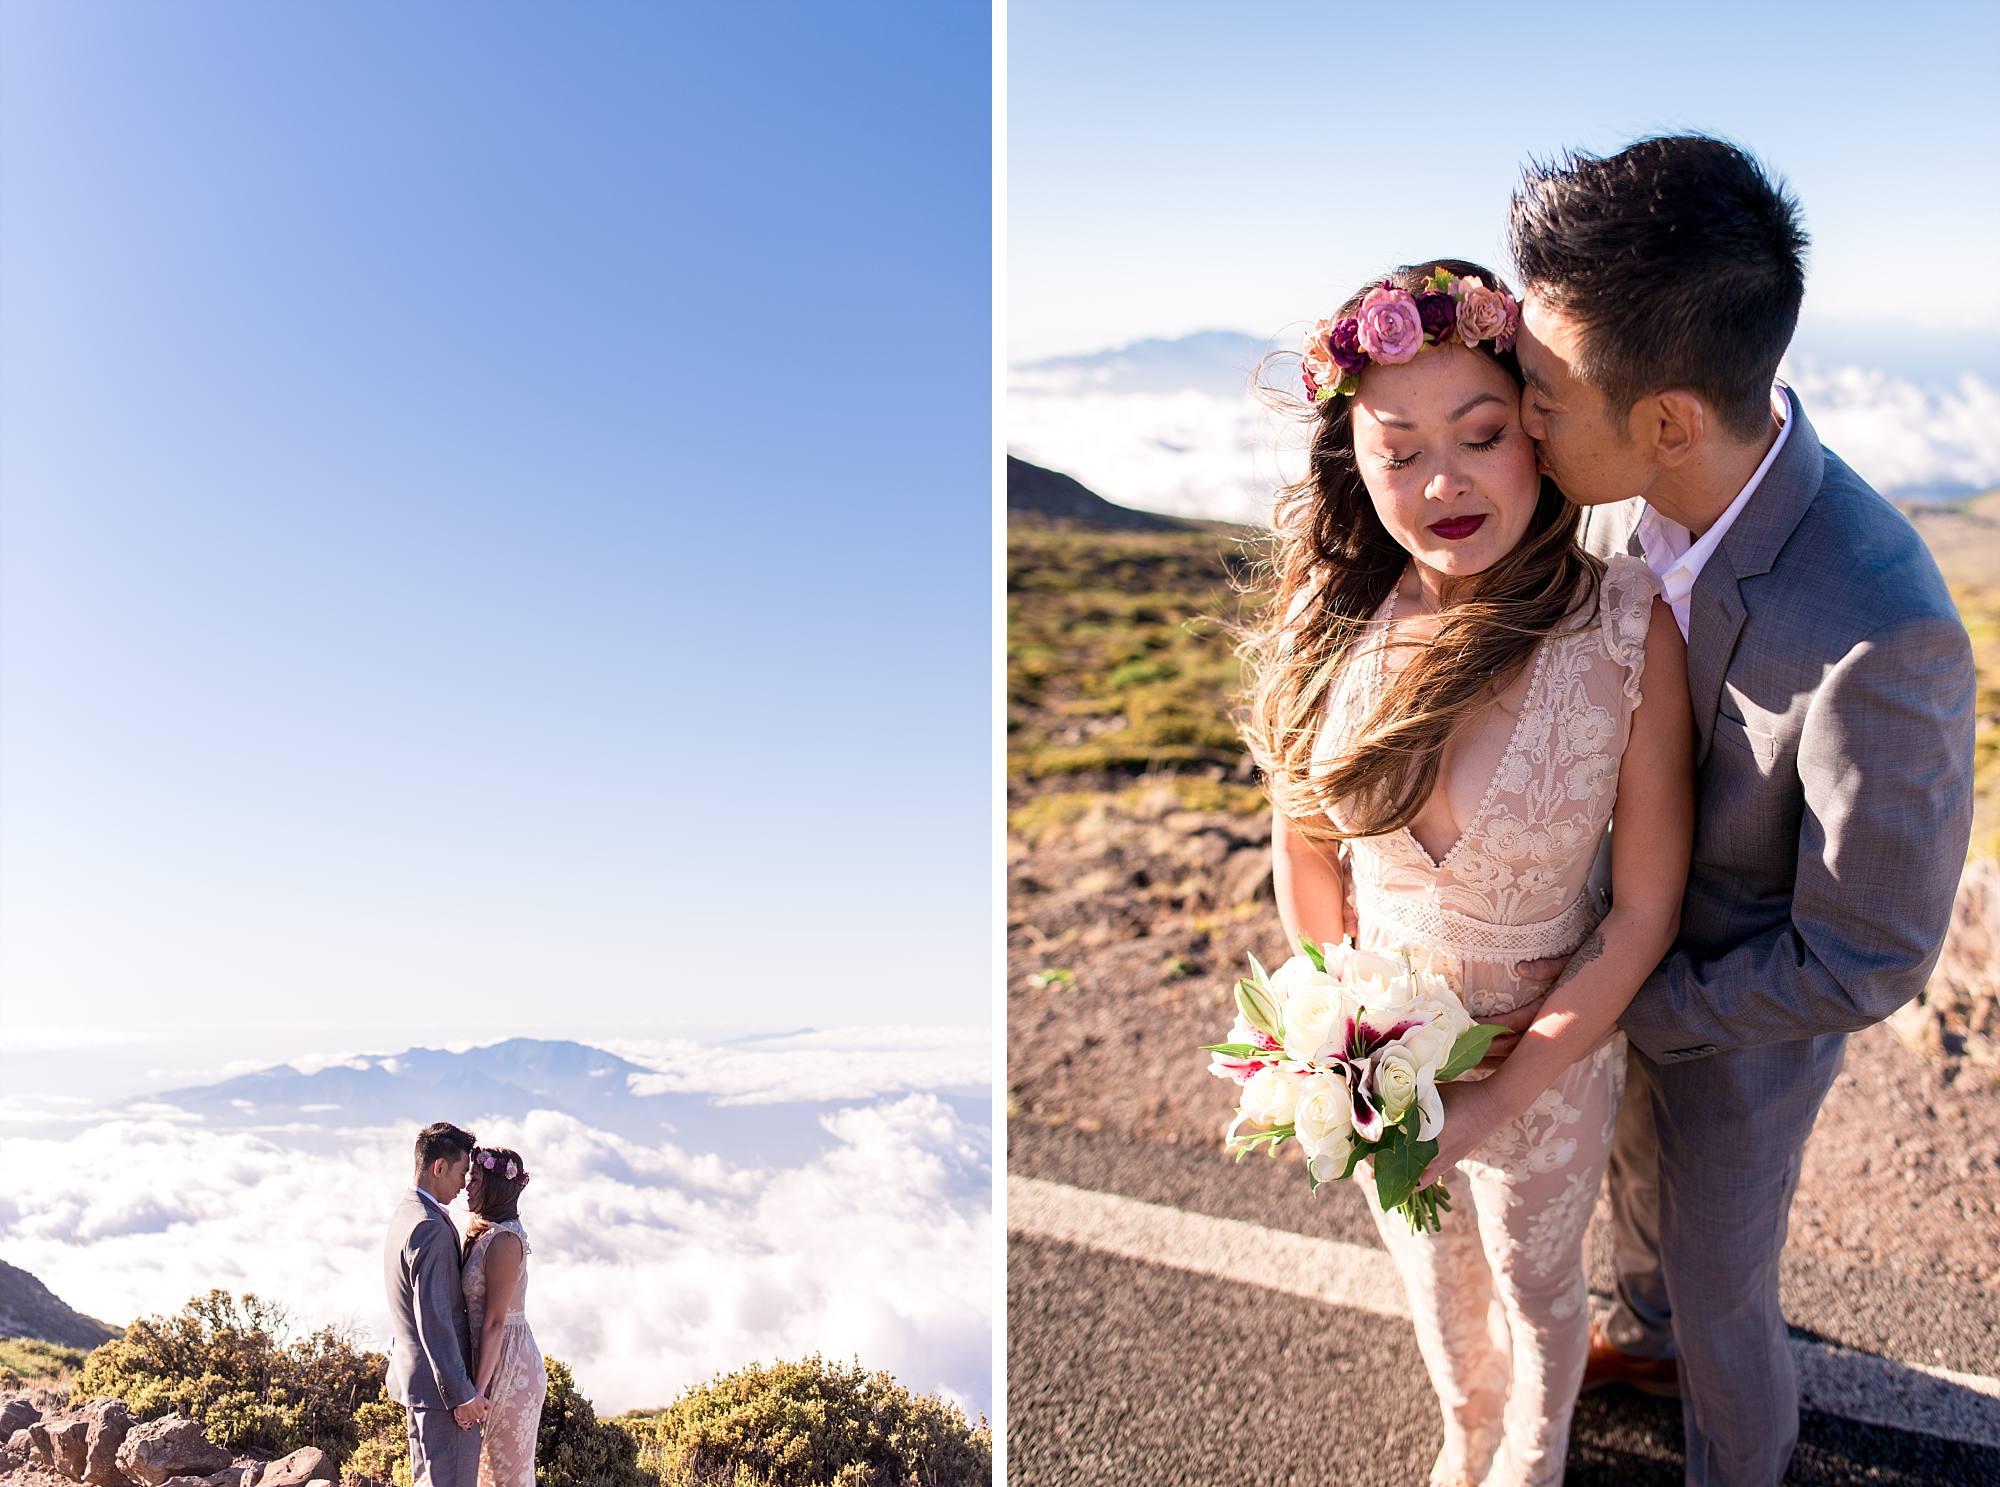 wedding photos, couple snuggling